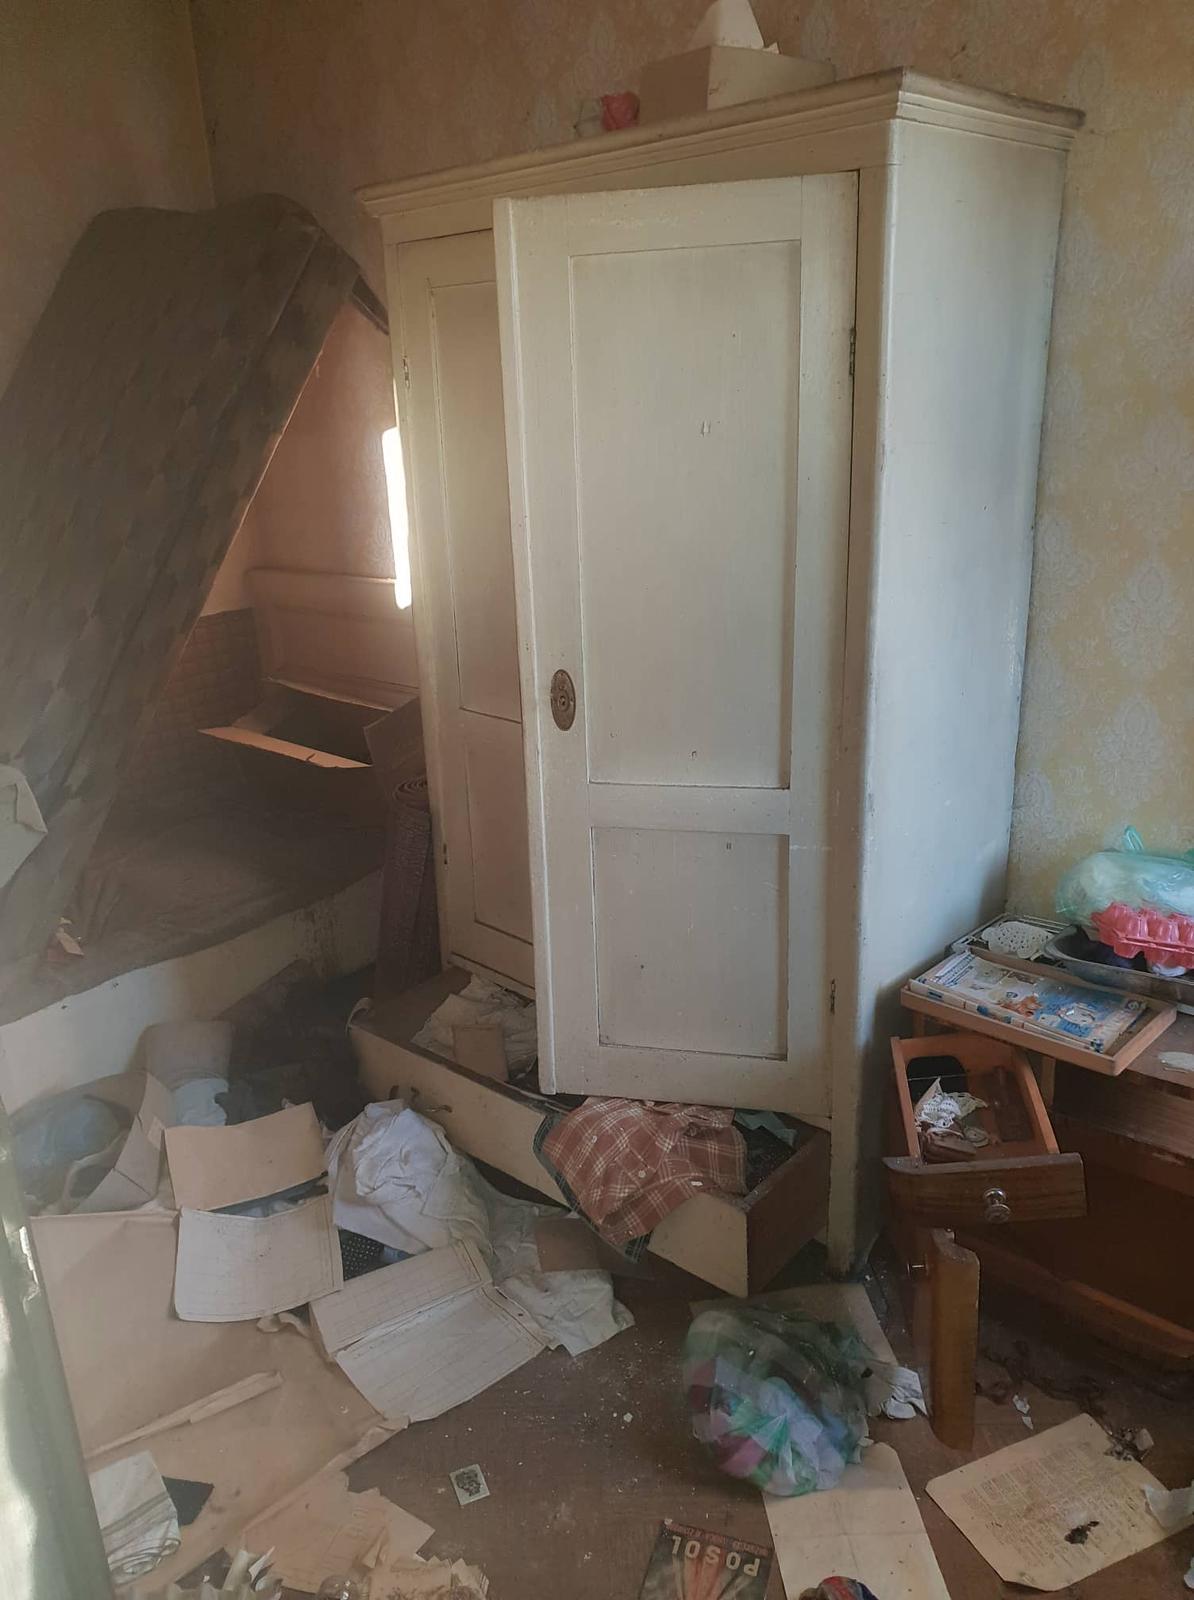 Rekonštrukcia domu-alebo chceme si splniť sen =》🏠🌻🌼🐶  mat domcek a vratit sa na Slovensko - komora /vedla kuchyne/